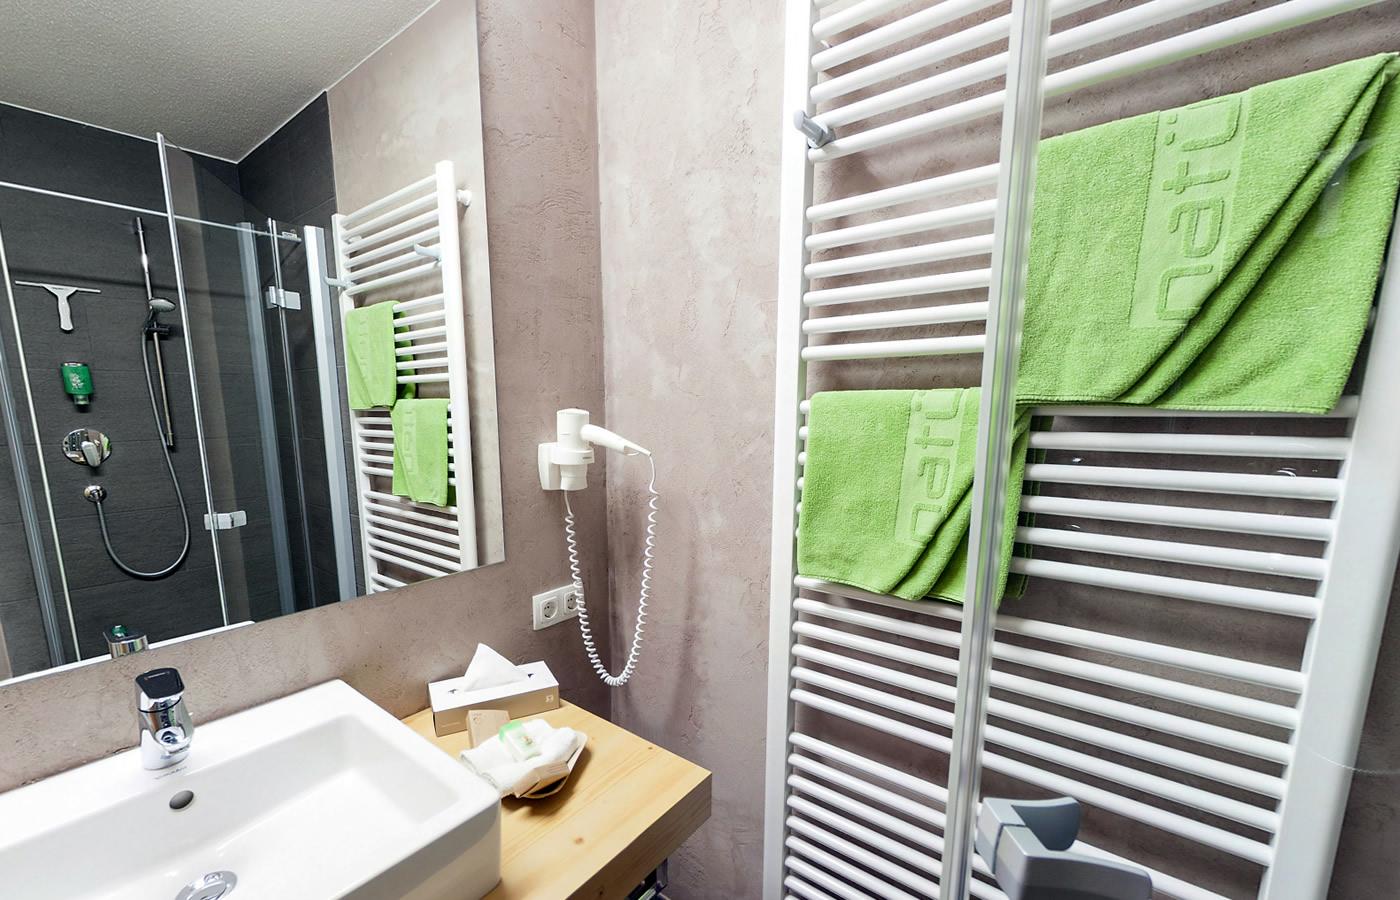 Badezimmer der Juniorsuiten von Hotel Natürlich in Fiss, Tirol.